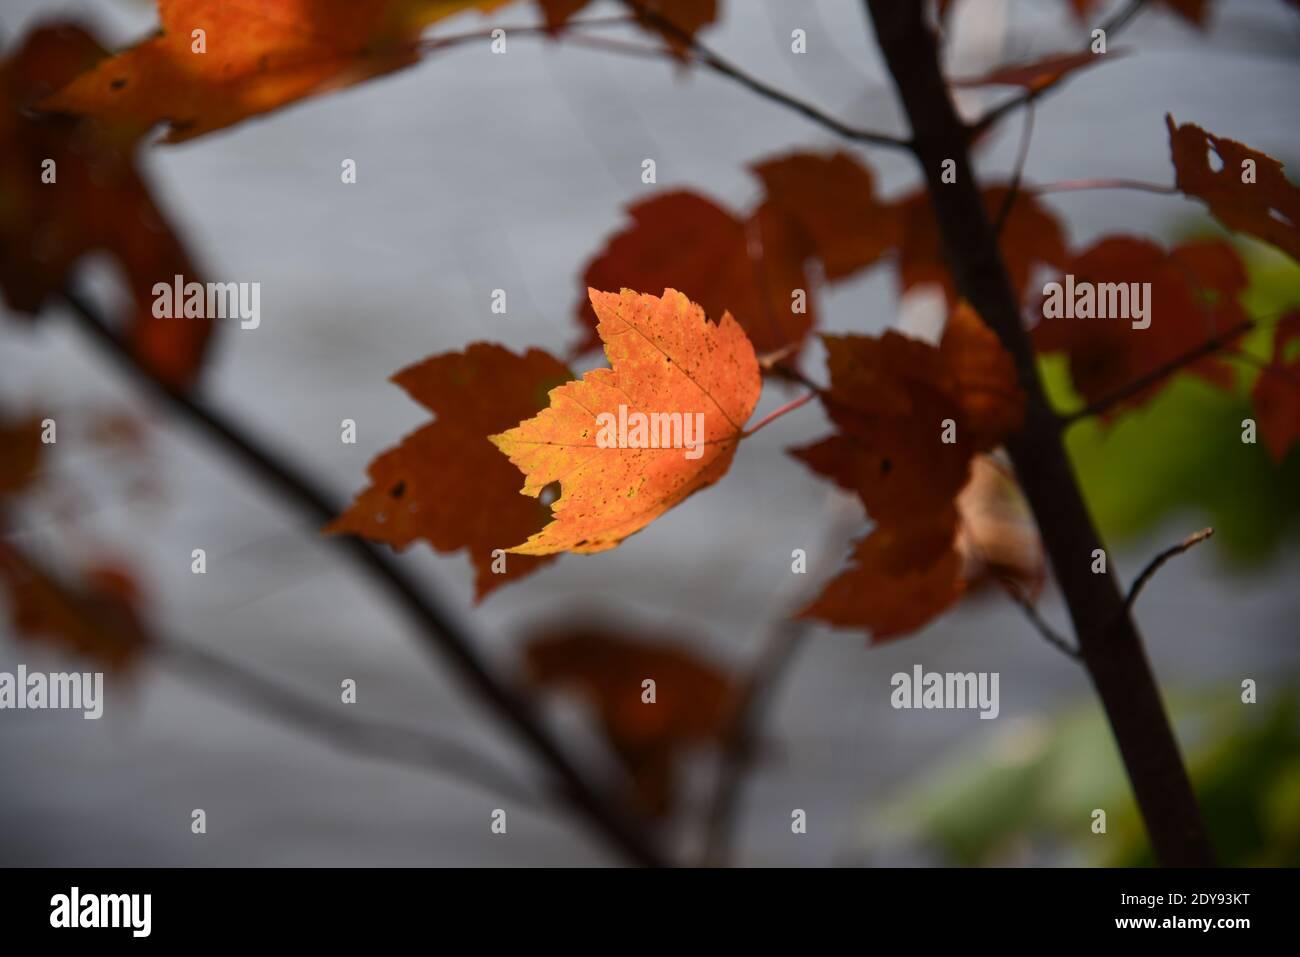 Close-up de hojas de arce en el árbol durante el otoño Foto de stock